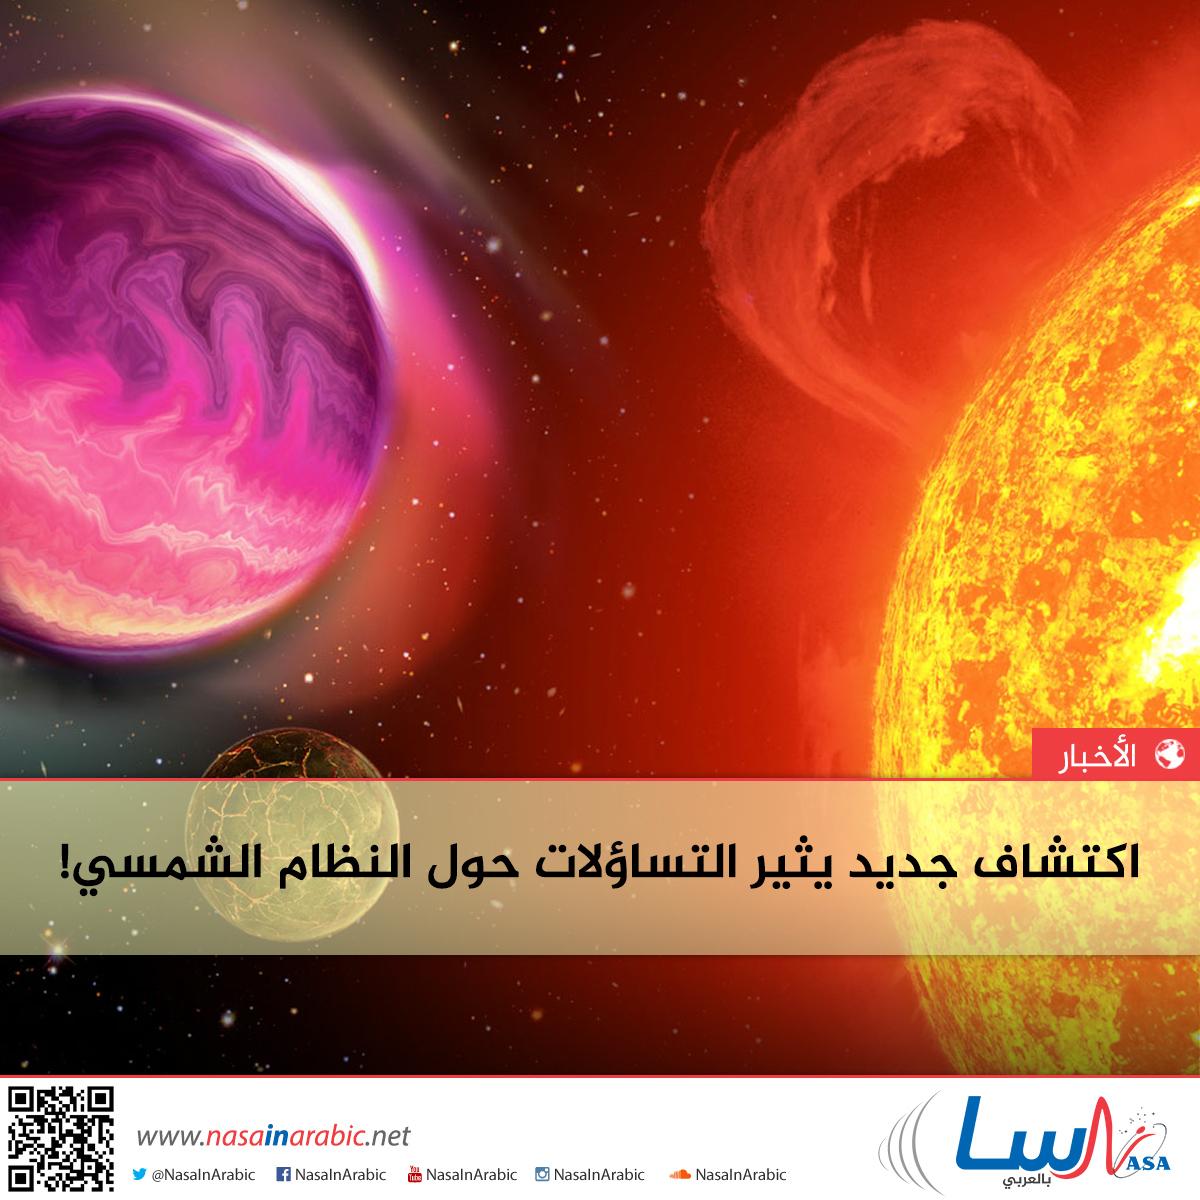 اكتشاف جديد يثير التساؤلات حول النظام الشمسي!